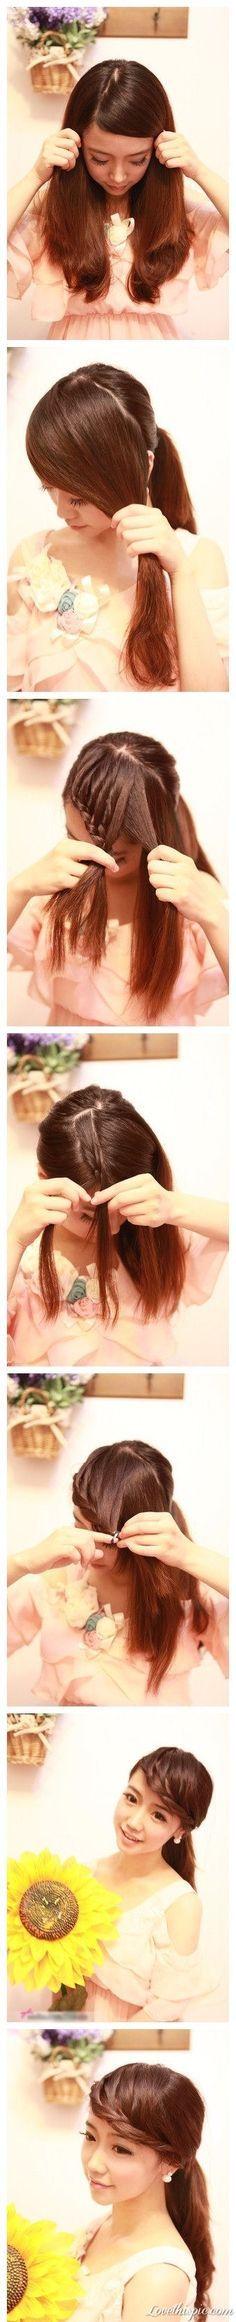 hair style  easy   beauty  hair  fashion beauty   style